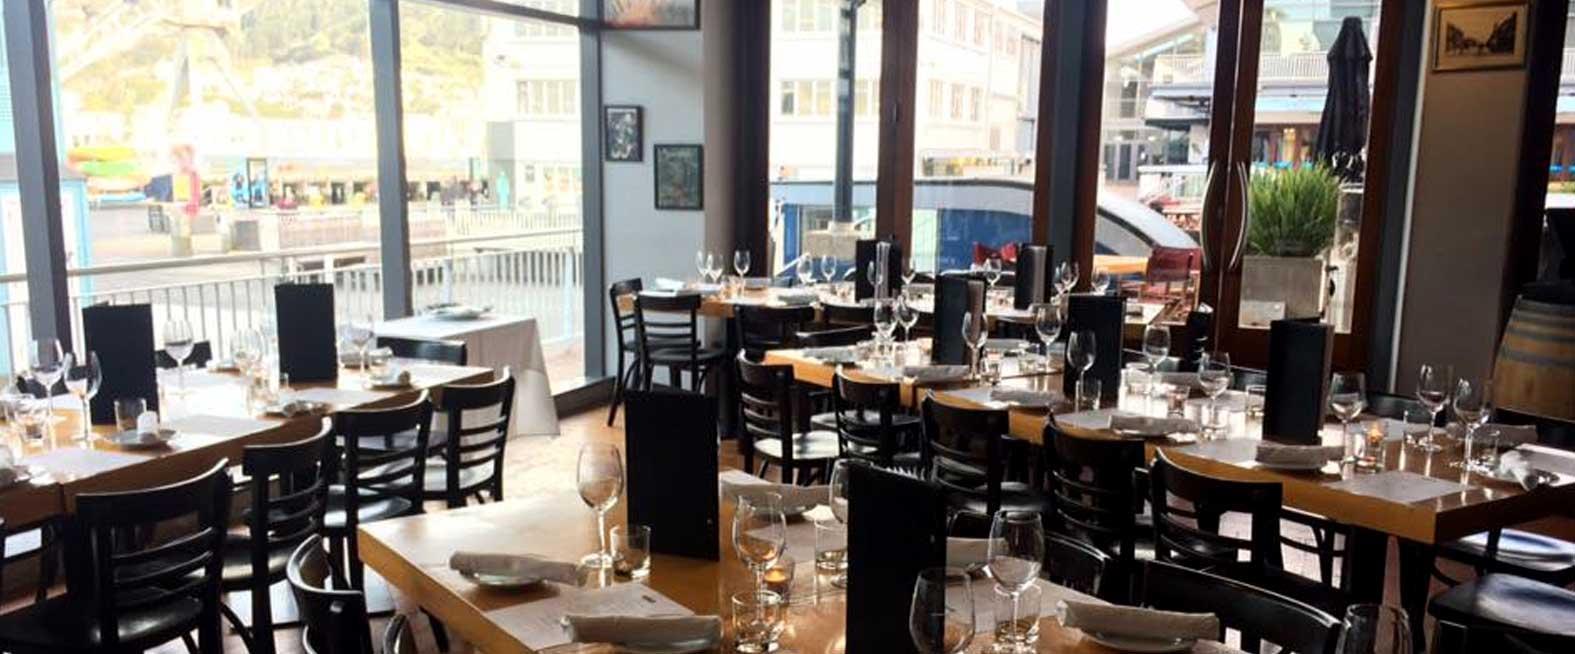 Bin44 Restaurant + Bar